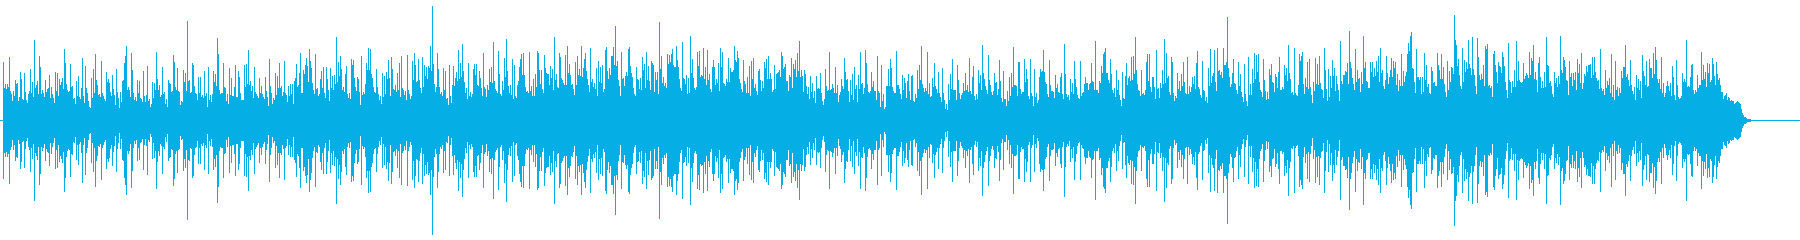 オシャレ感覚の天然色ポップスの再生済みの波形